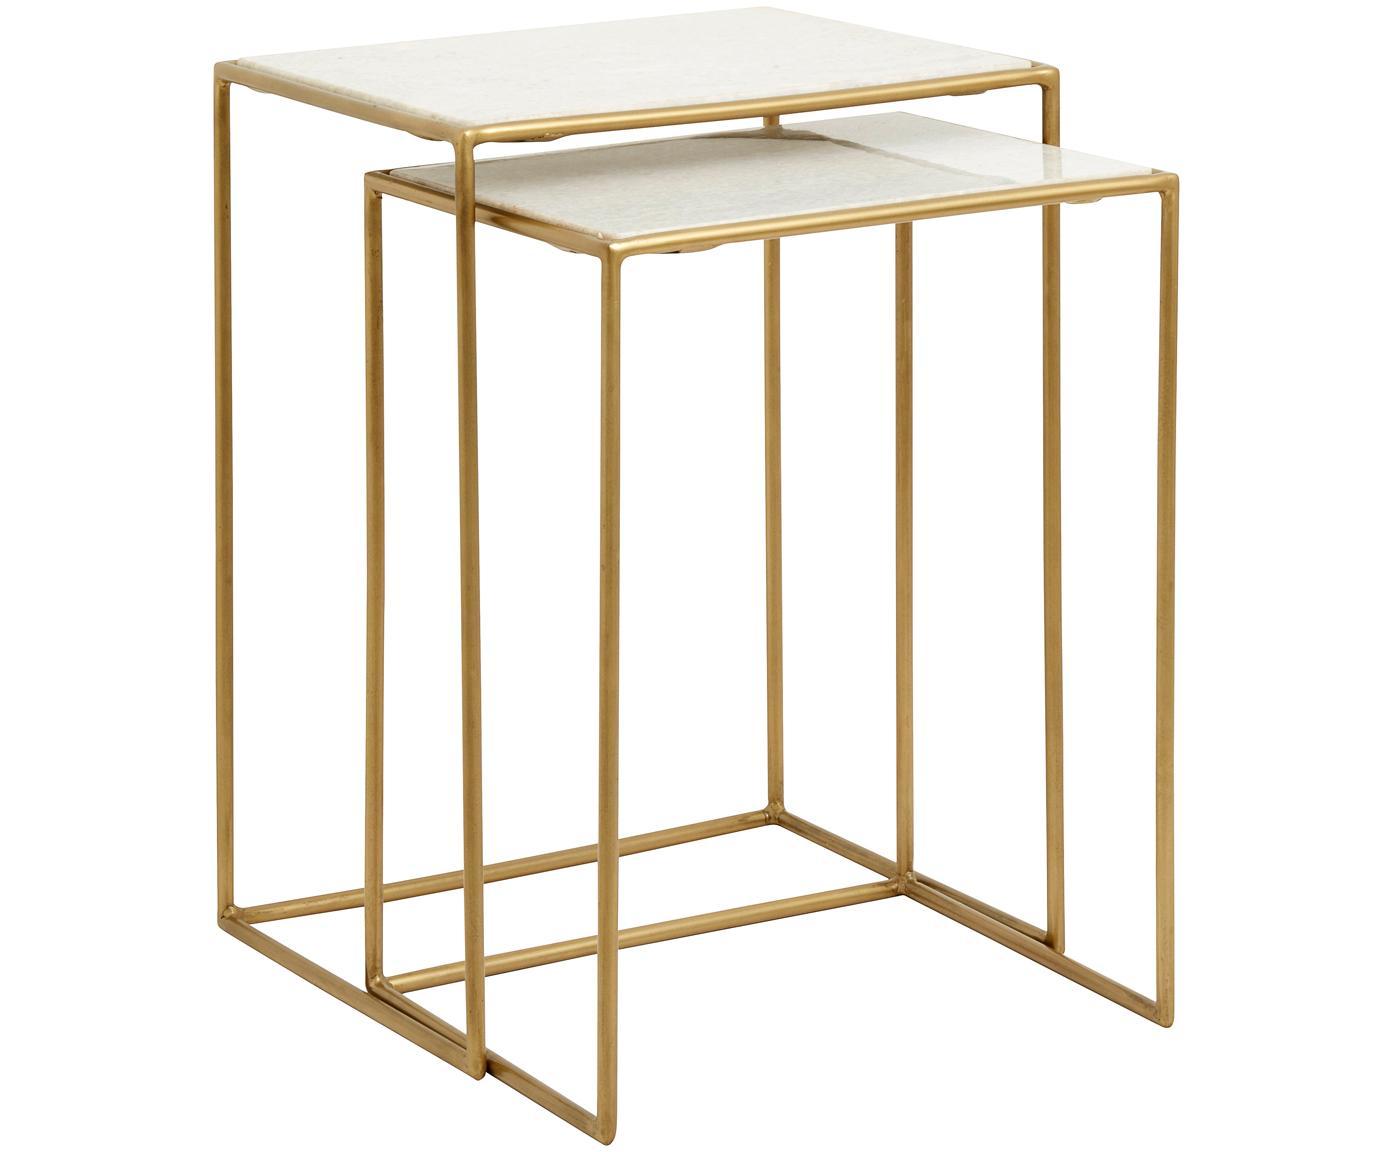 Komplet stolików pomocniczych z marmuru Zoe, 2 elem., Stelaż: metal lakierowany, Biały, Różne rozmiary